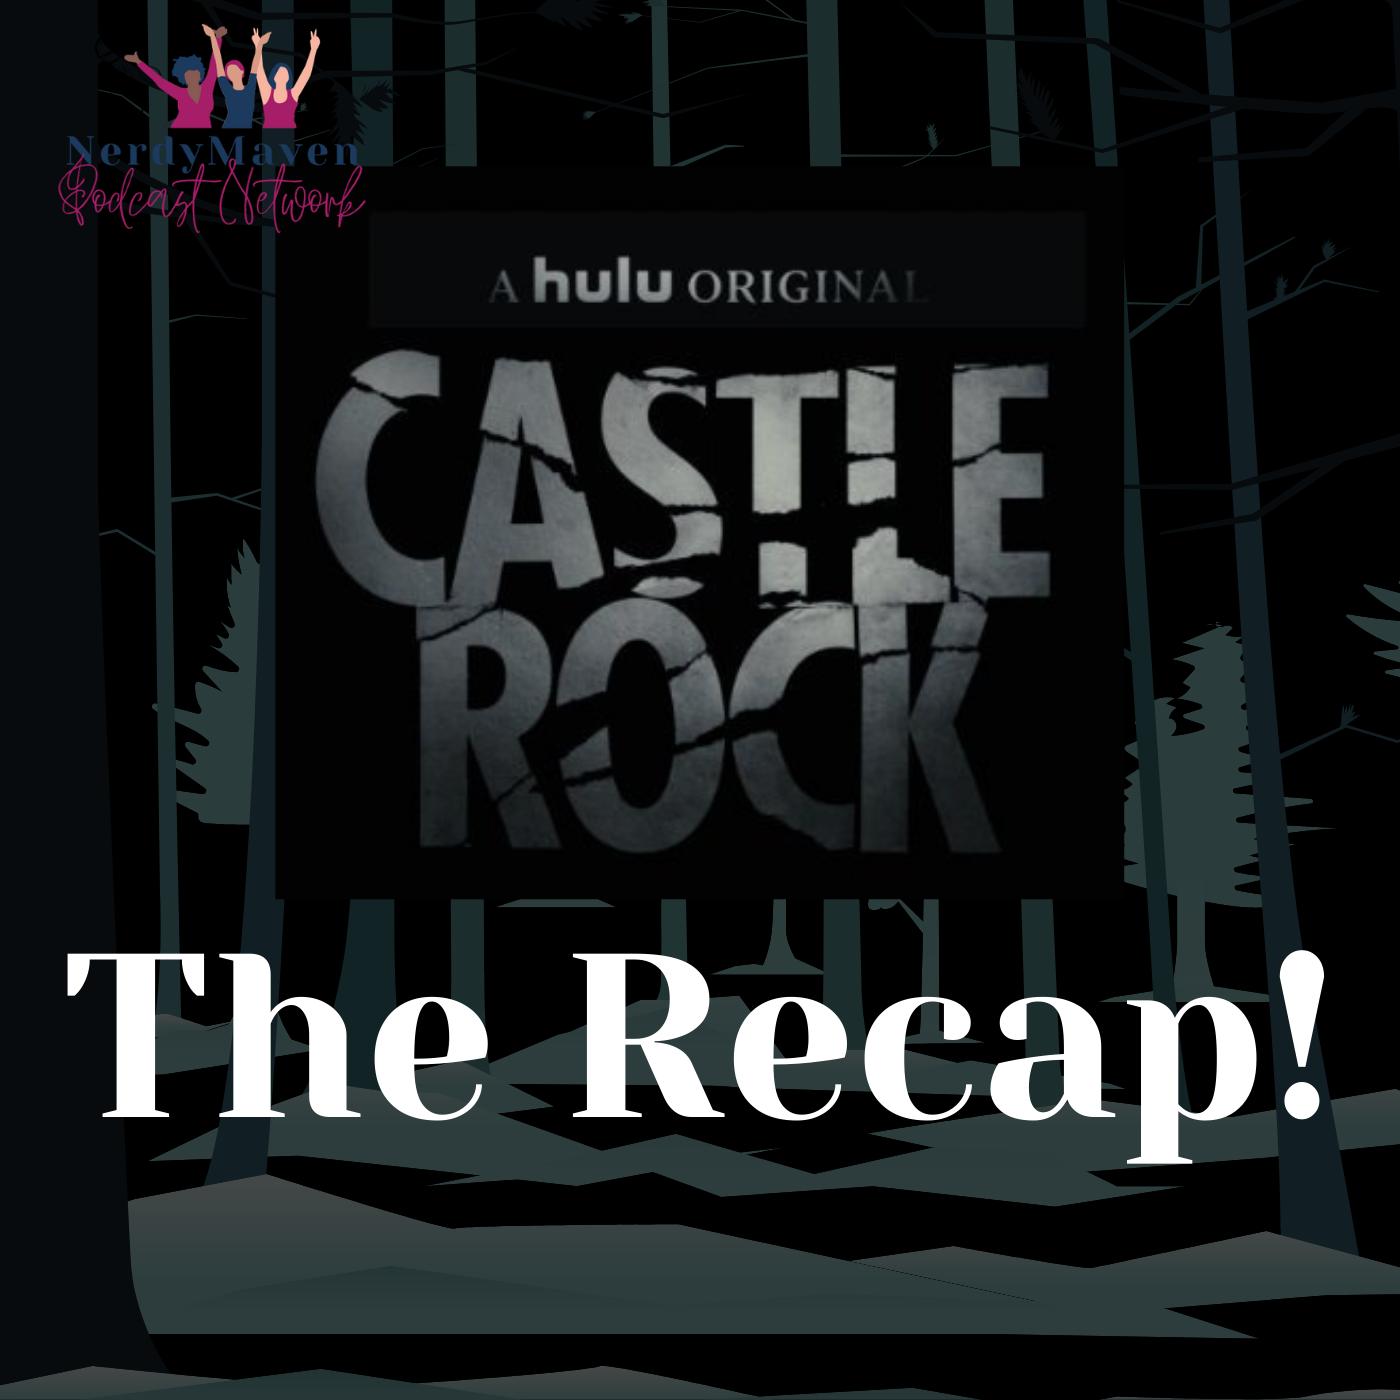 The Recap! Castle Rock podcast show image